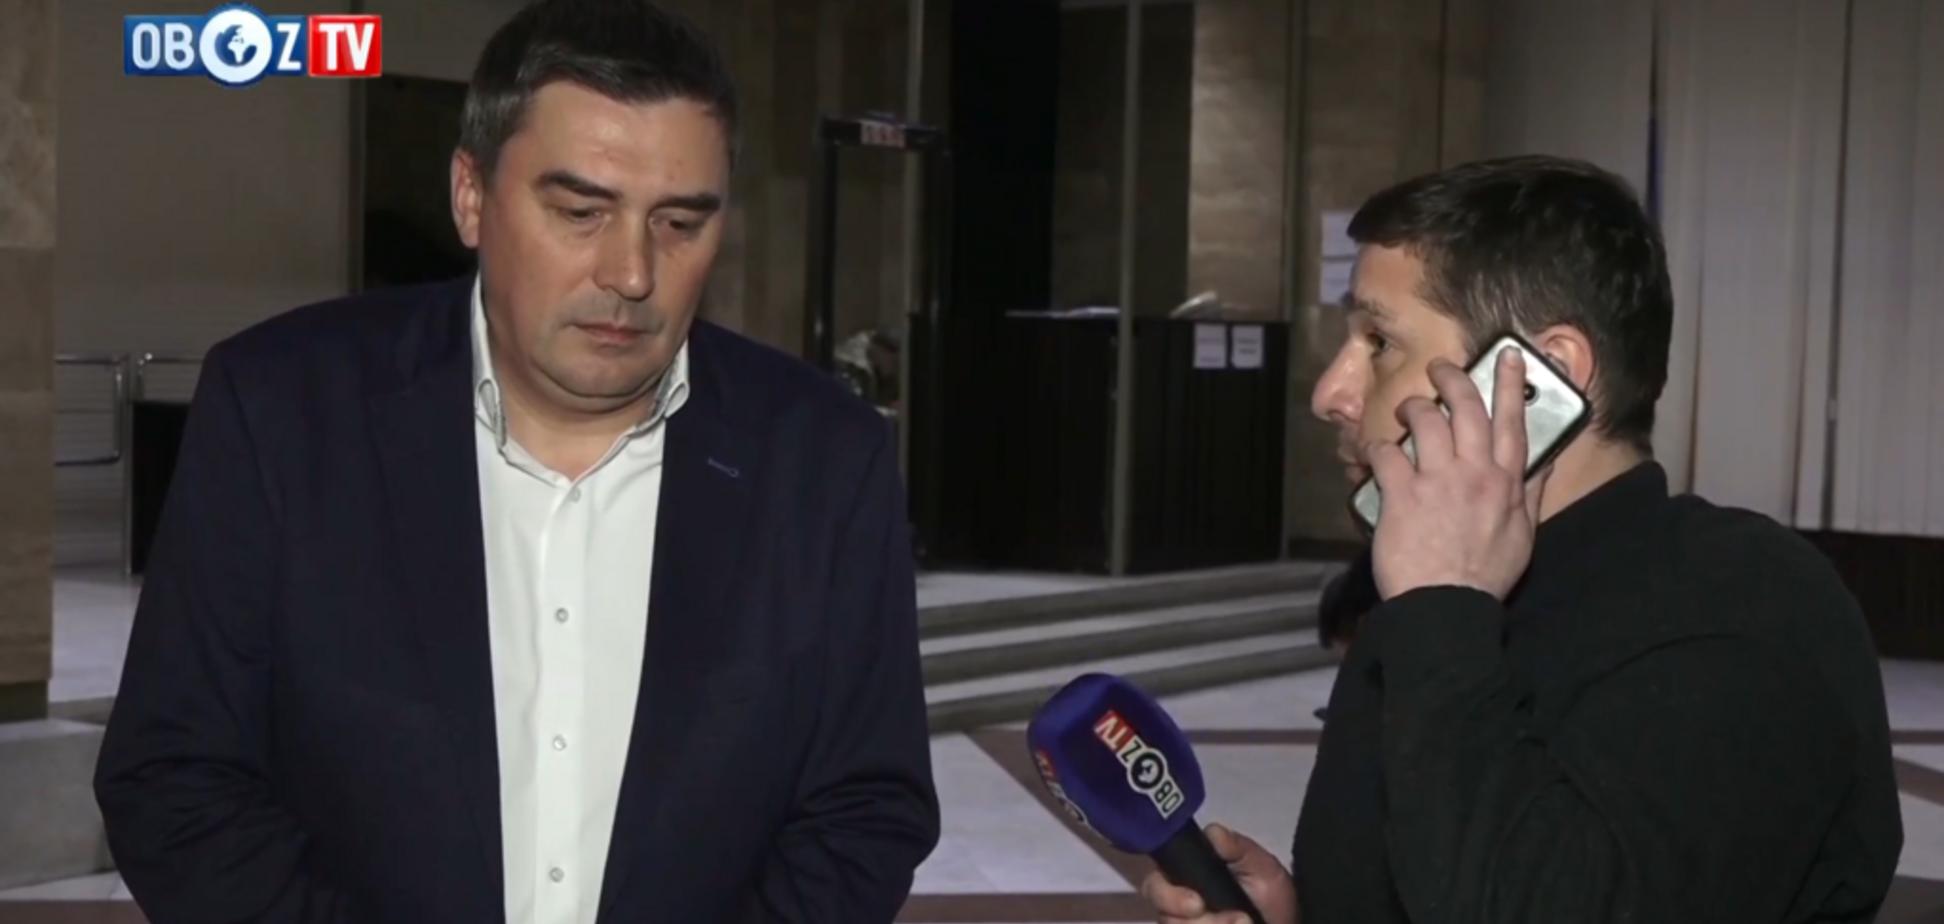 Добродомов объяснил решение снять свою кандидатуру в пользу Анатолия Гриценко